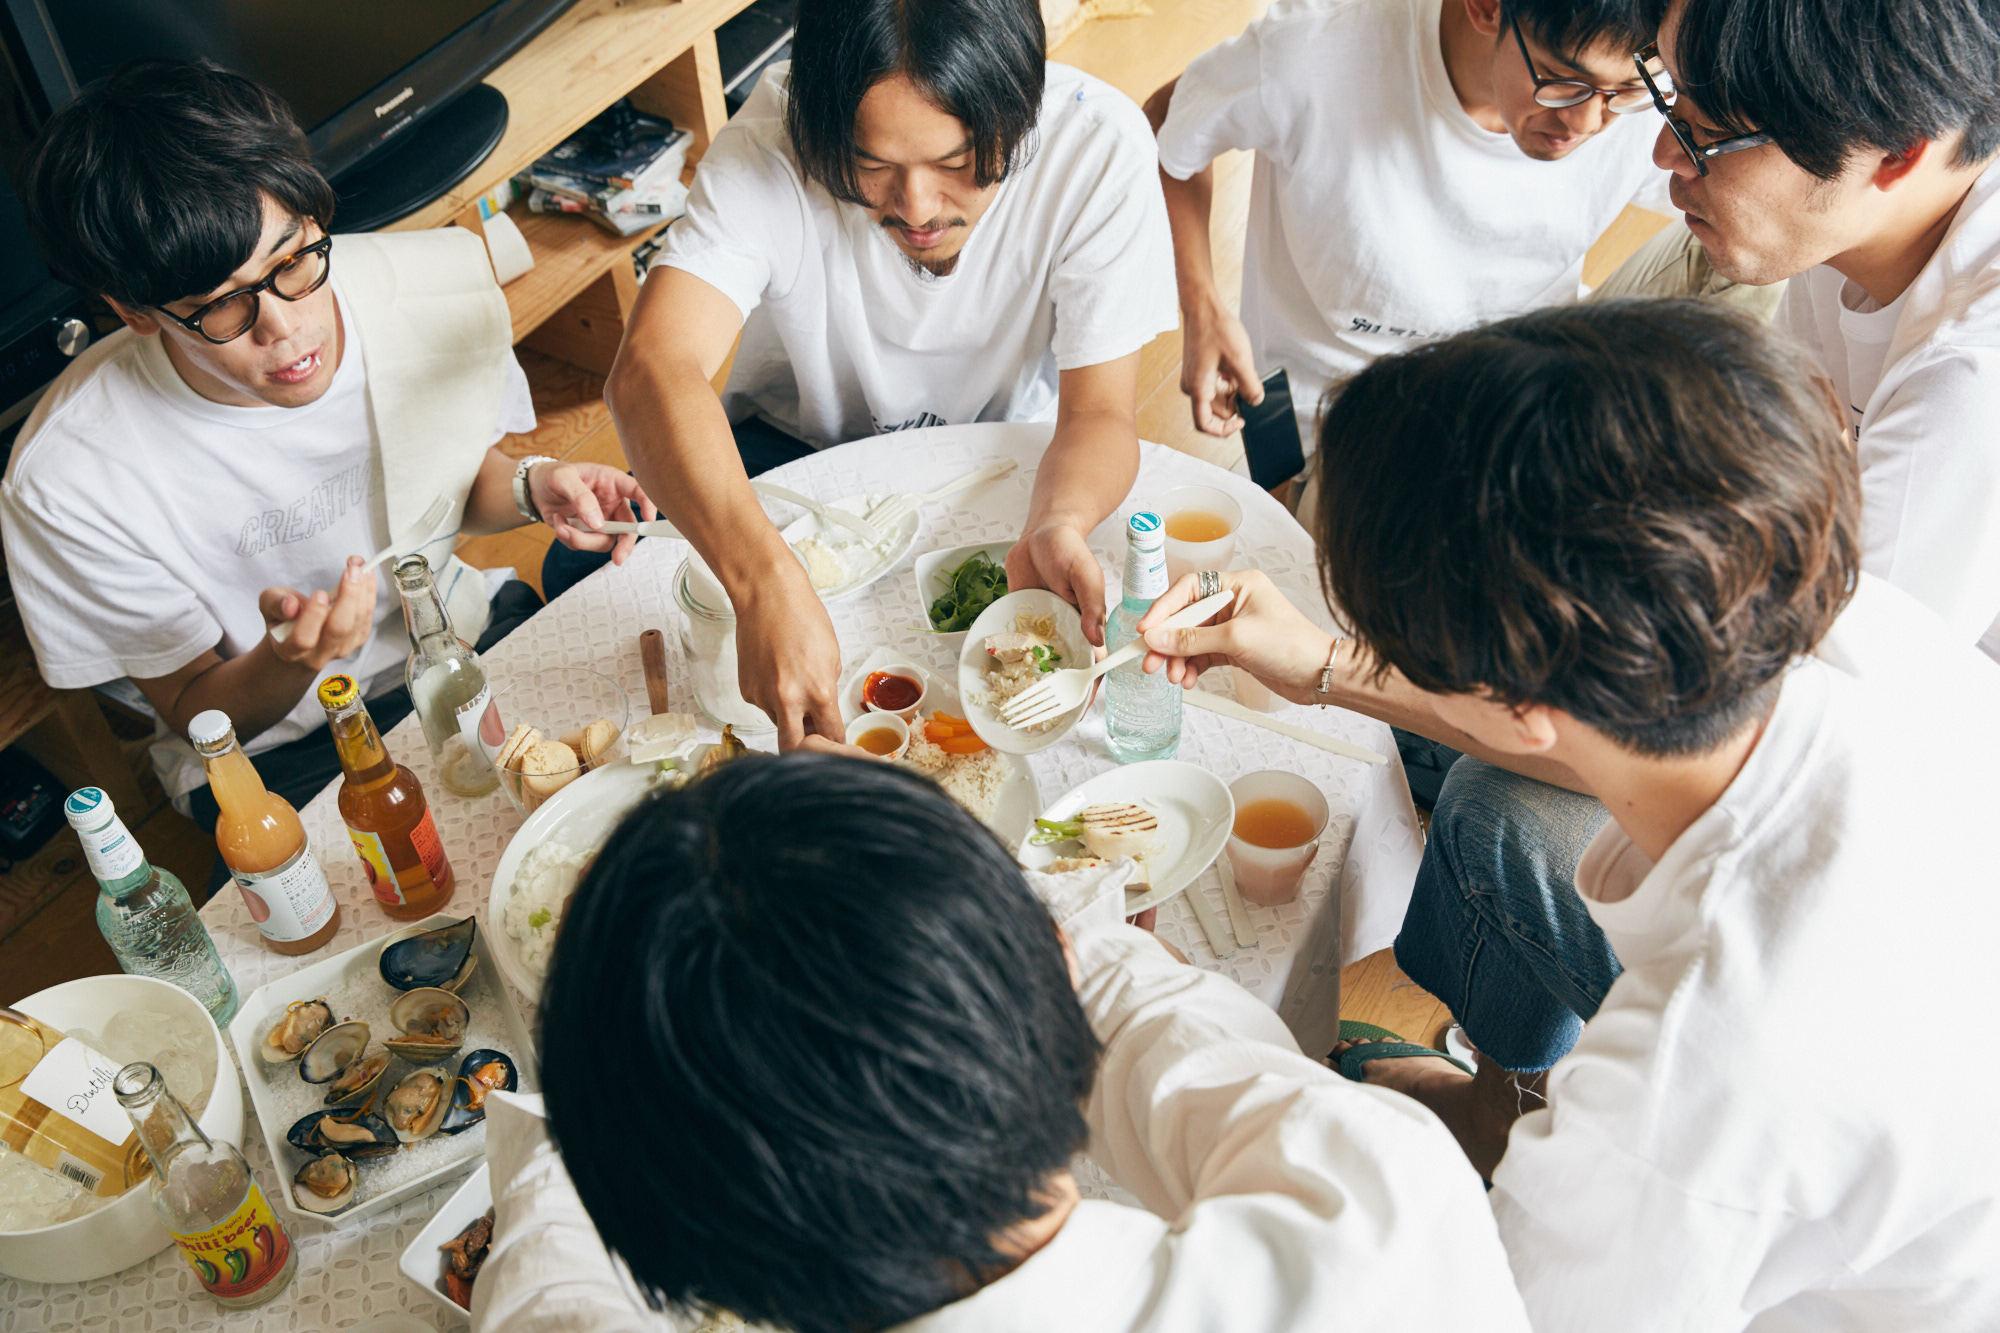 sponsored by ホワロ(リンナイ株式会社)学生時代の仲間4人で「カレストハウス」と称したシェアハウスに暮らすメンバーたち。大学卒業後、就職のために名古屋から上京し、一緒に暮らし始めて約1年半。引っ越し直後におこなったレセプション以来、1年ぶりに少し気合いの入ったパーティーをすると聞きつけ、お邪魔することに。